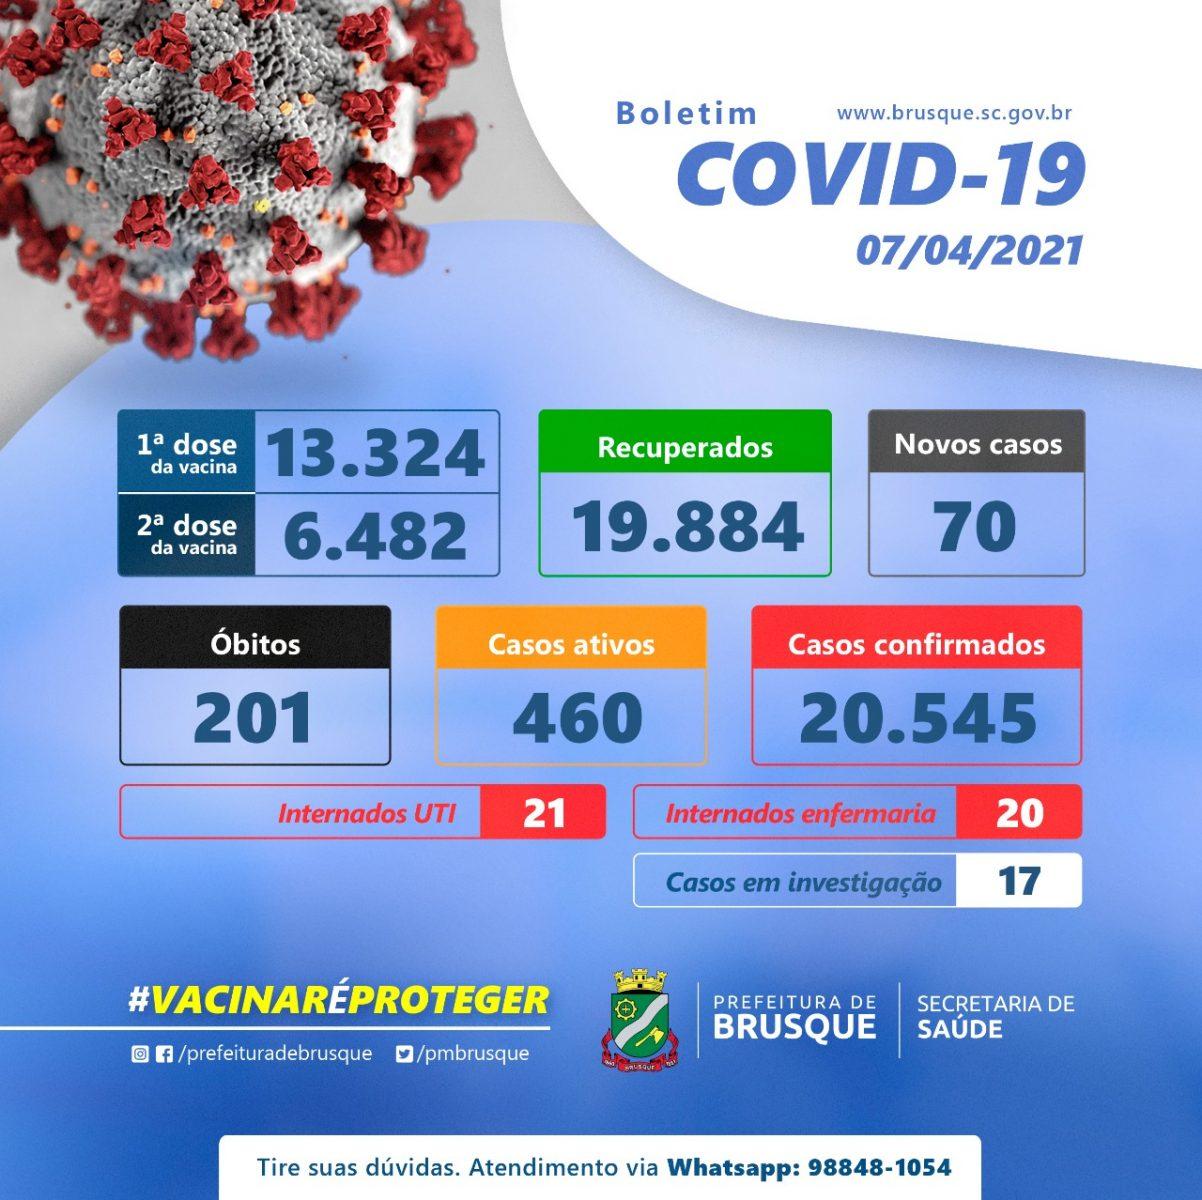 Covid 19: Confira o boletim epidemiológico desta quarta-feira (07)